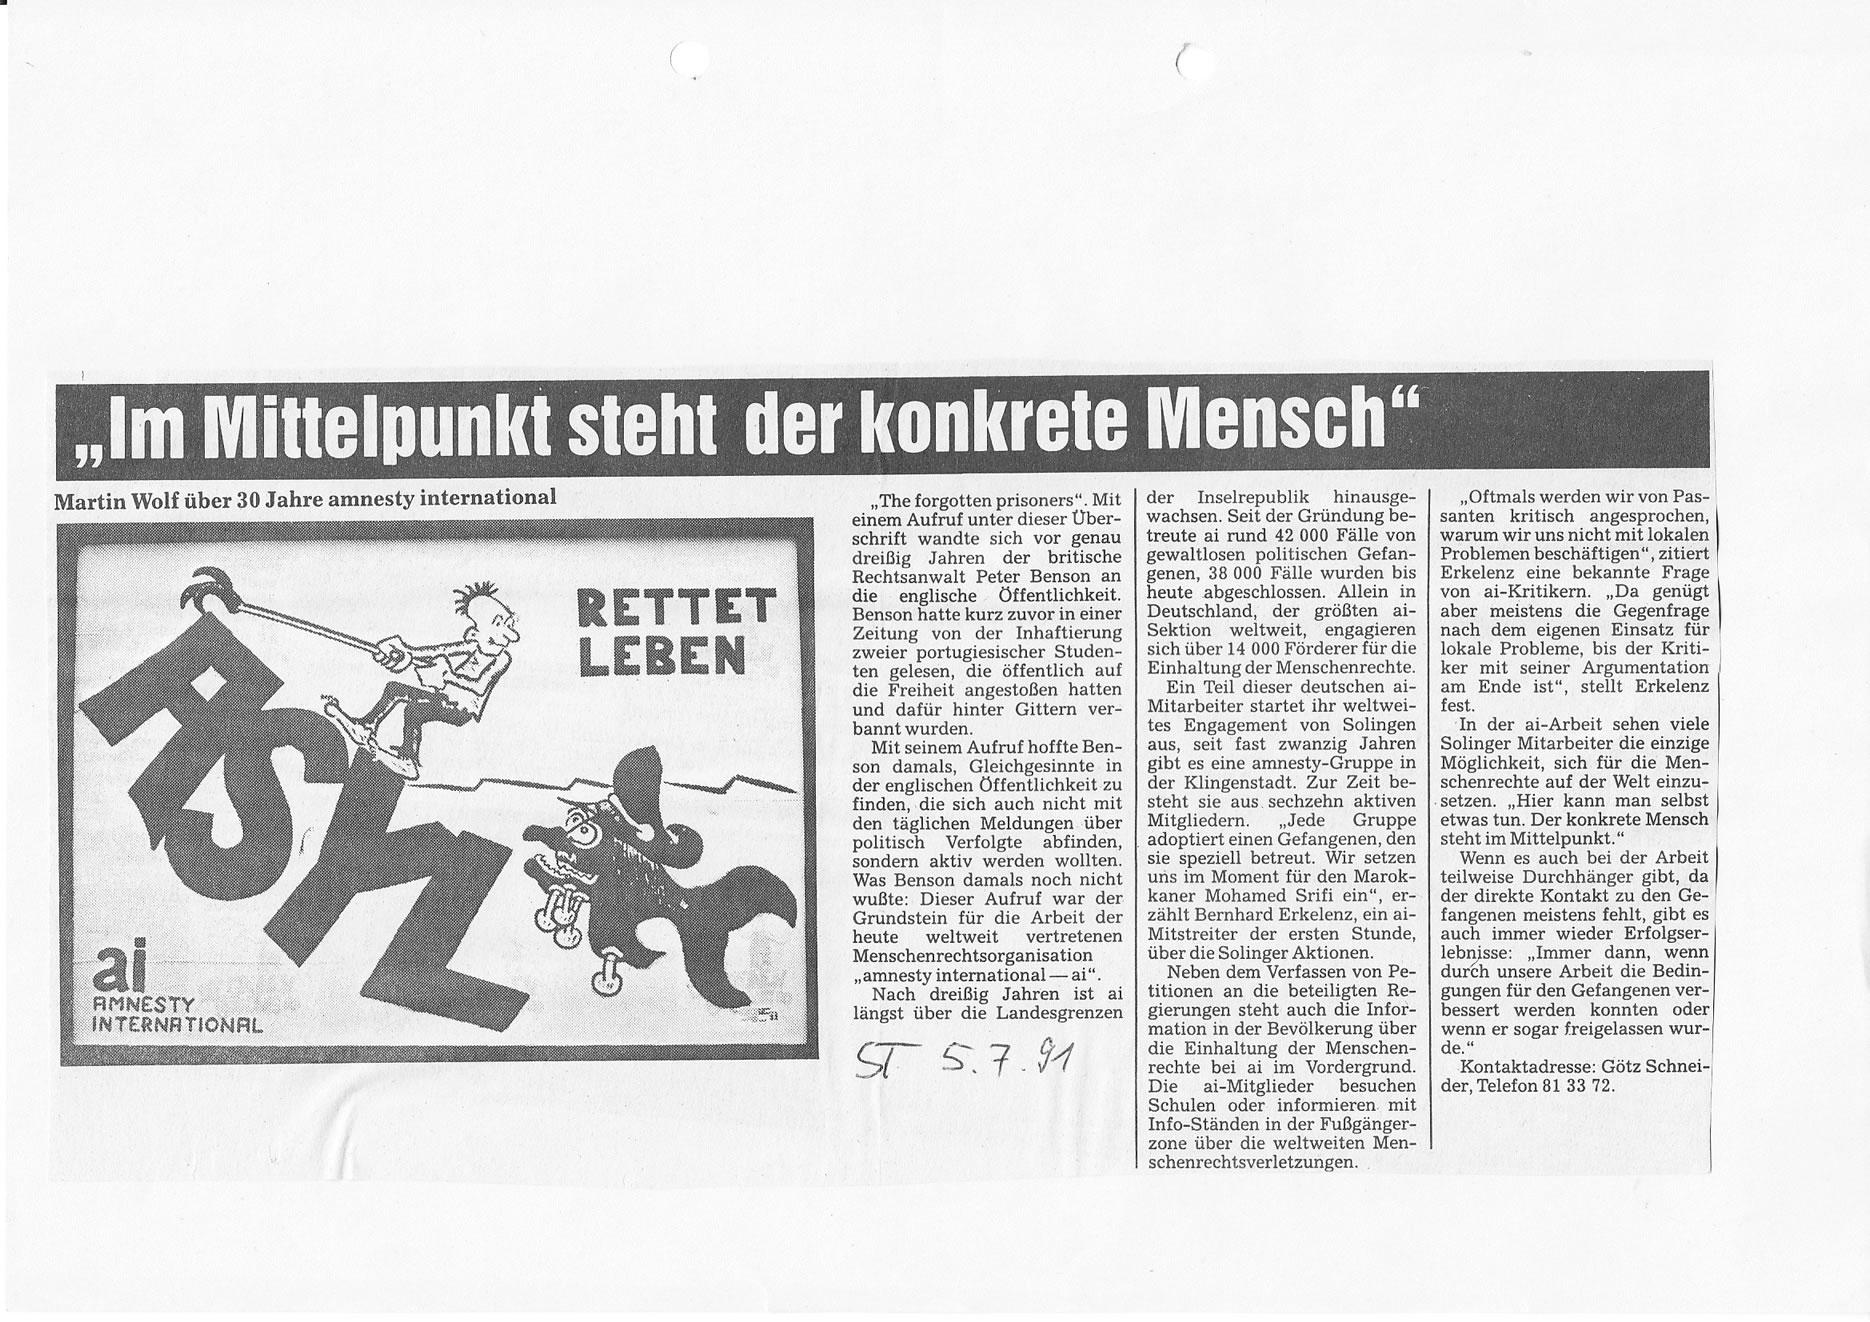 Solinger Tageblatt 07/91: 30 Jahre Amnesty International